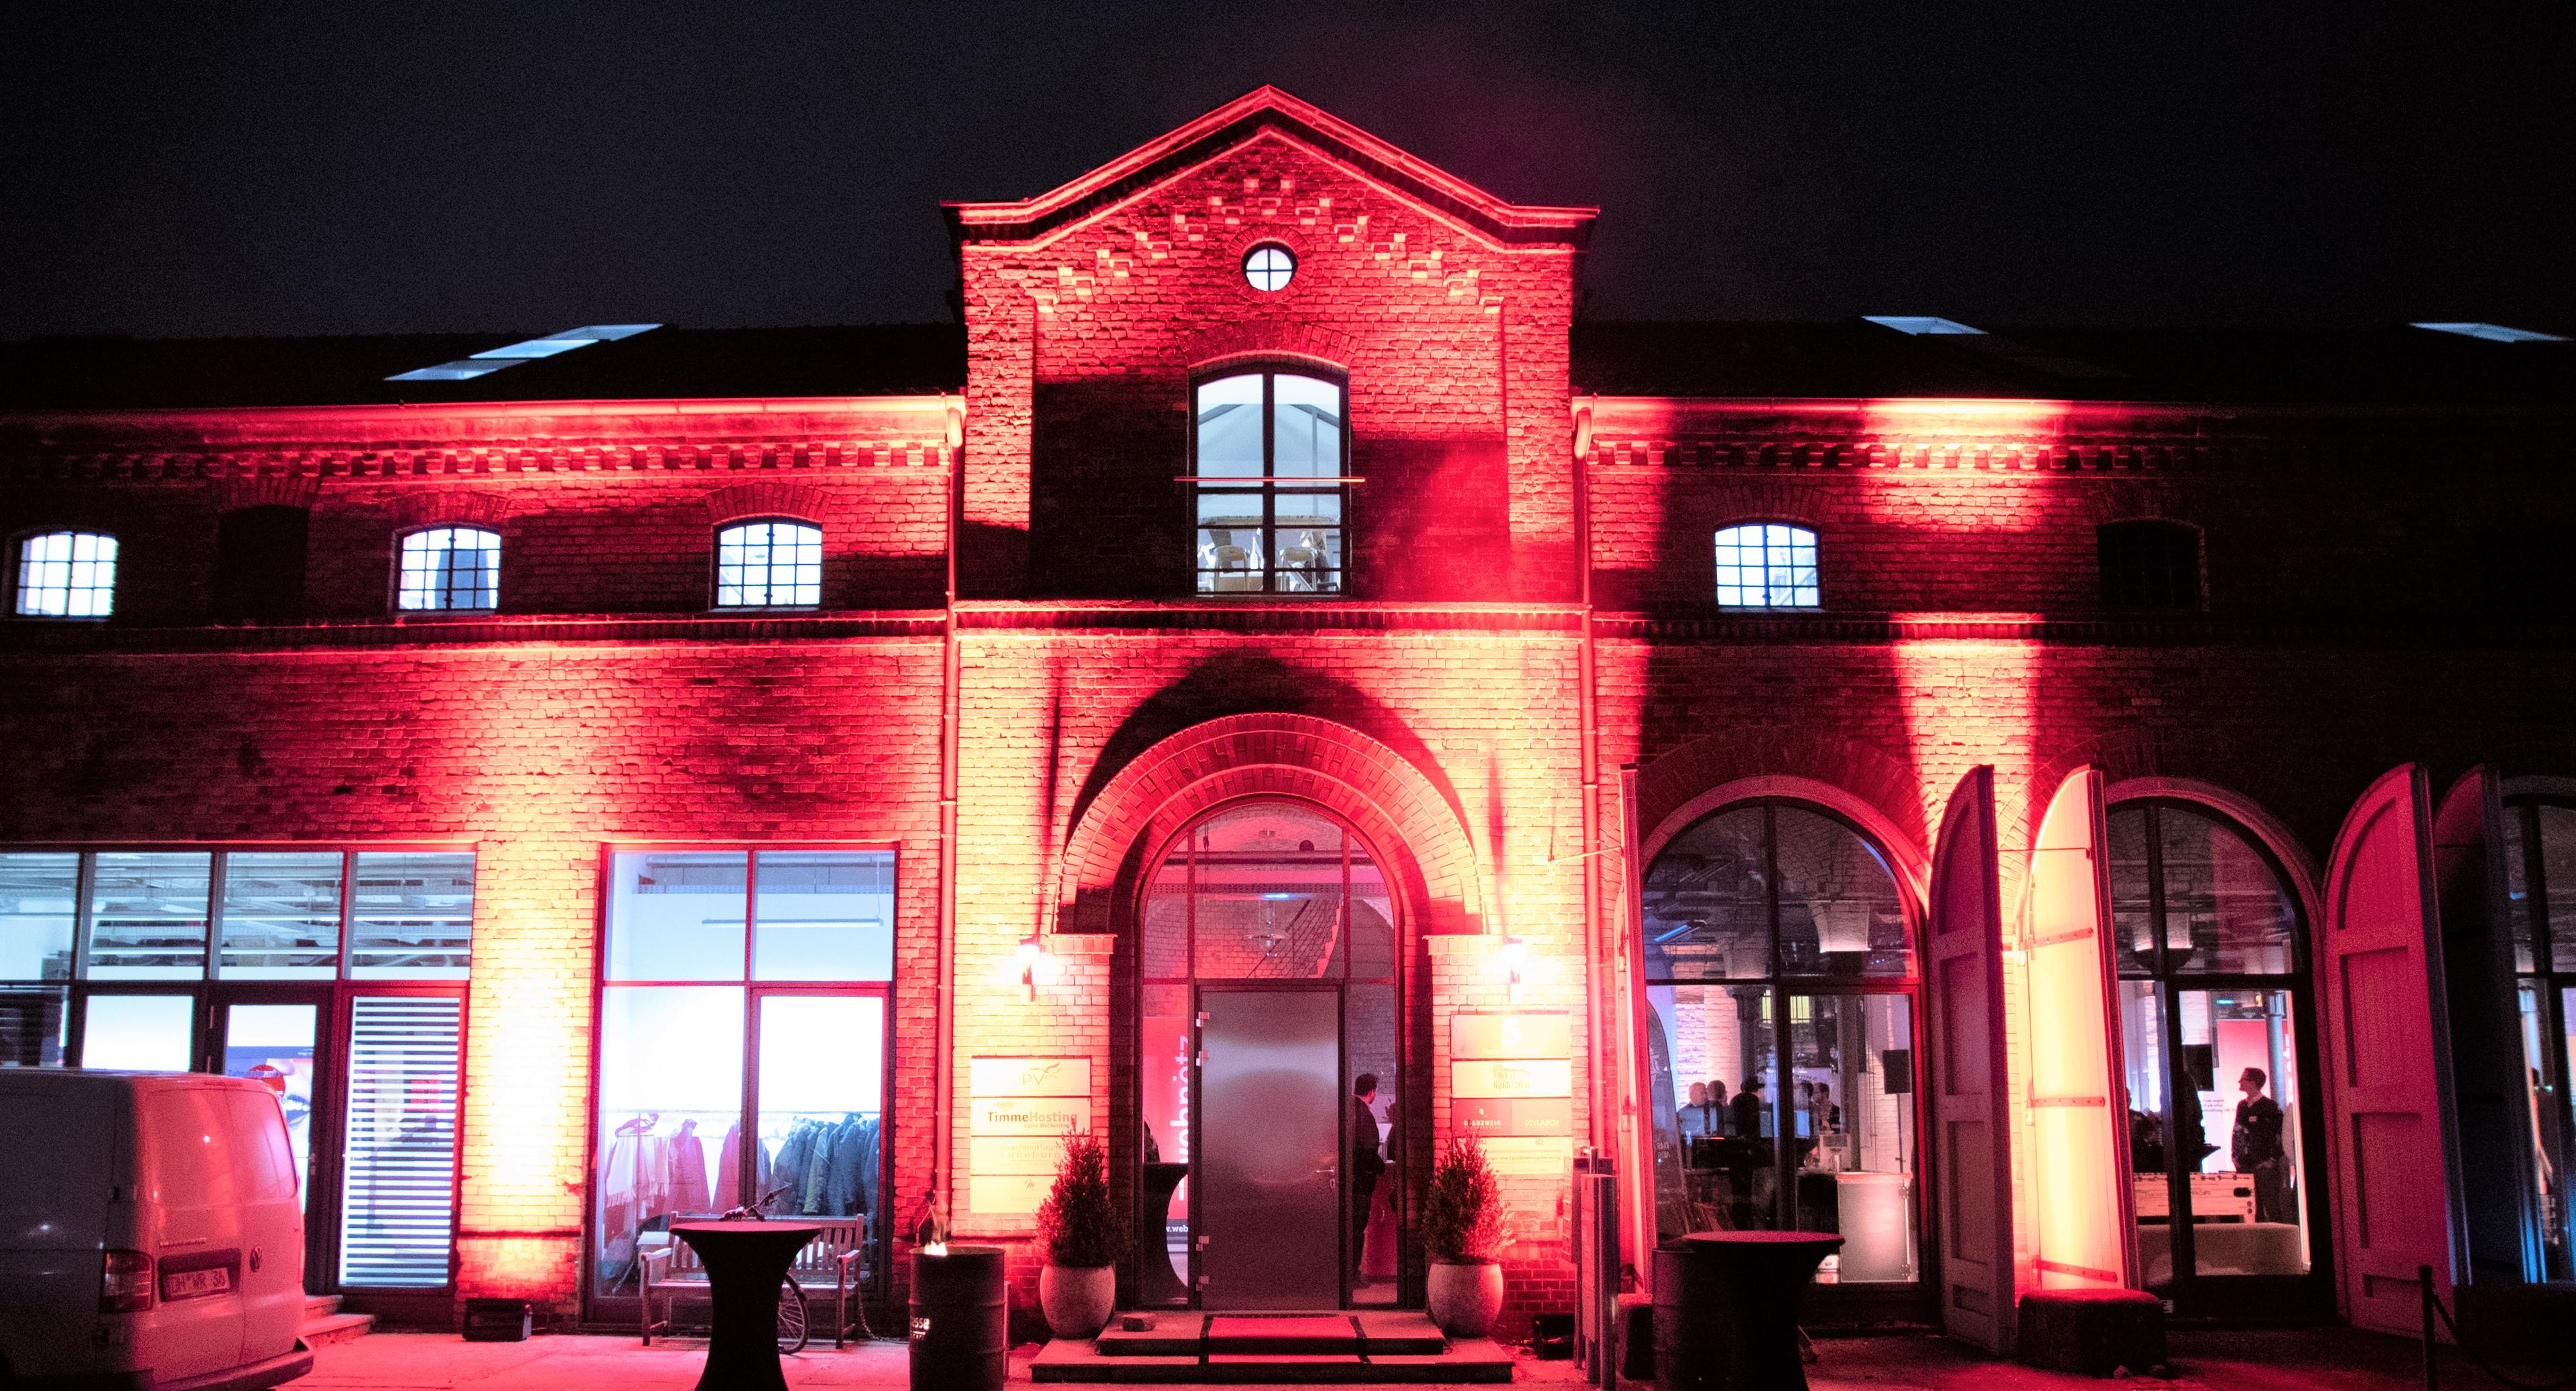 Der Kunstsaal in Lüneburg mit stimmungsvoller Beleuchtung